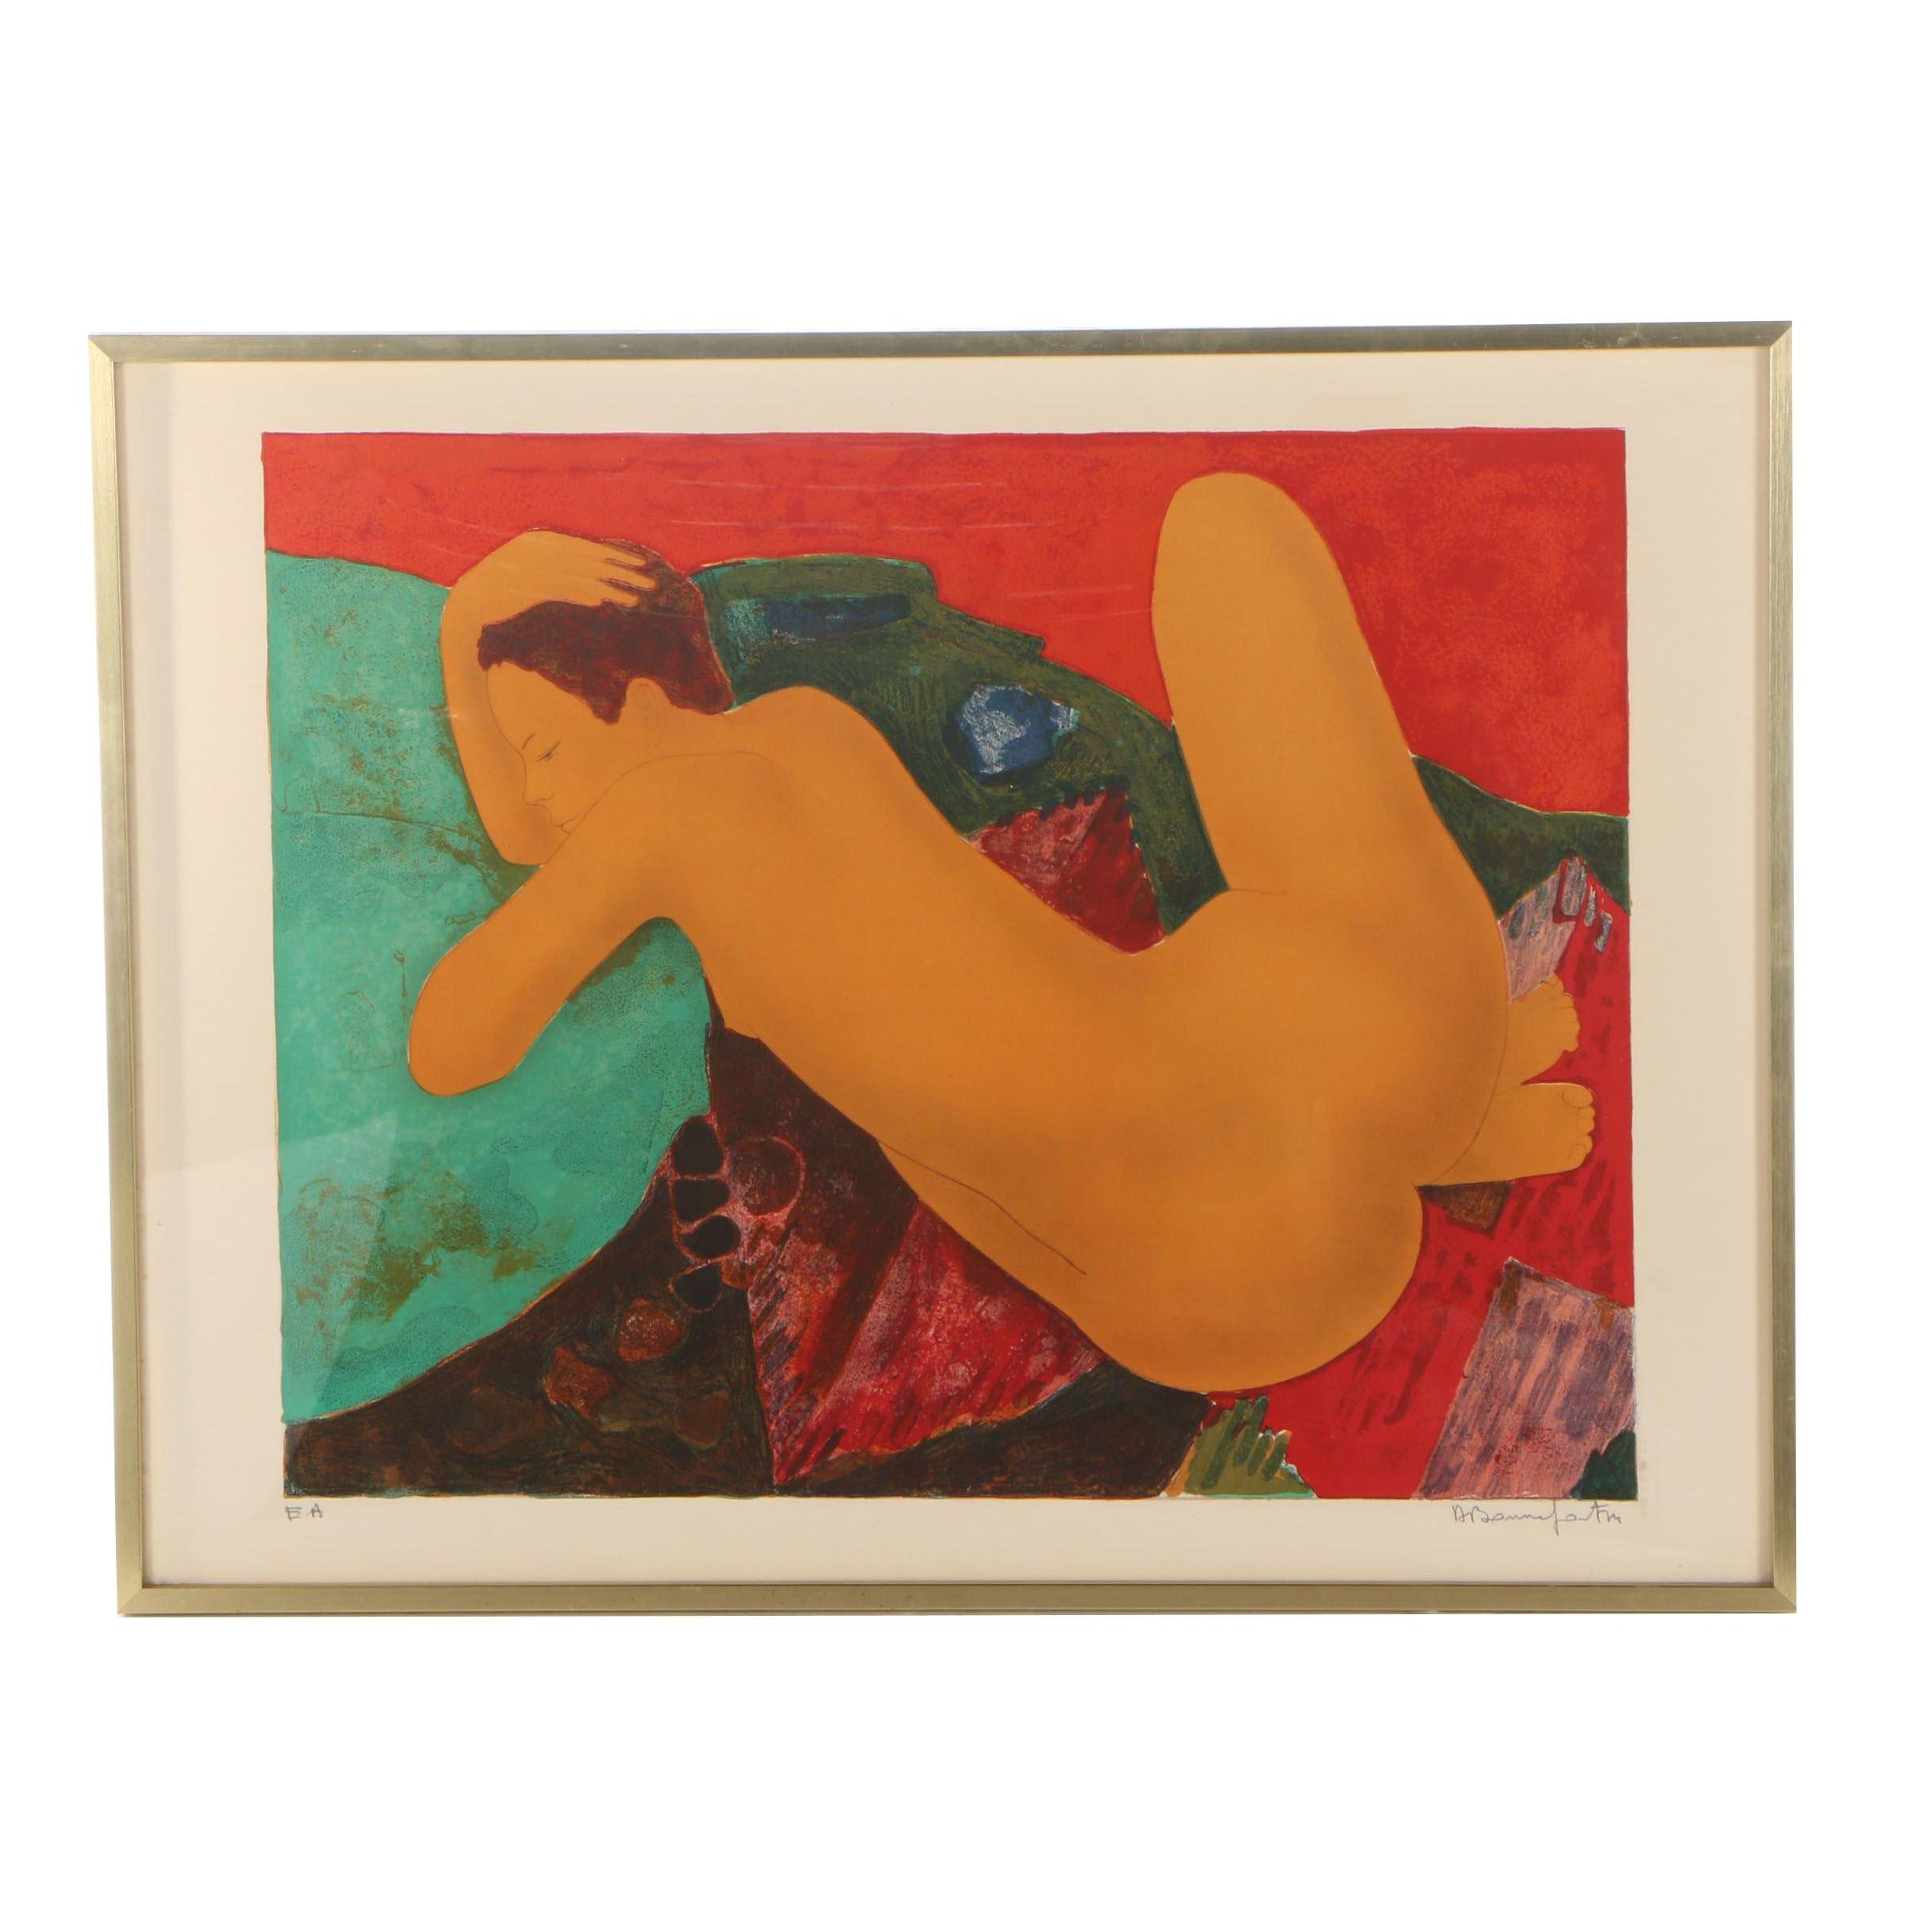 Alain Bonnefoit Color Lithograph Portrait